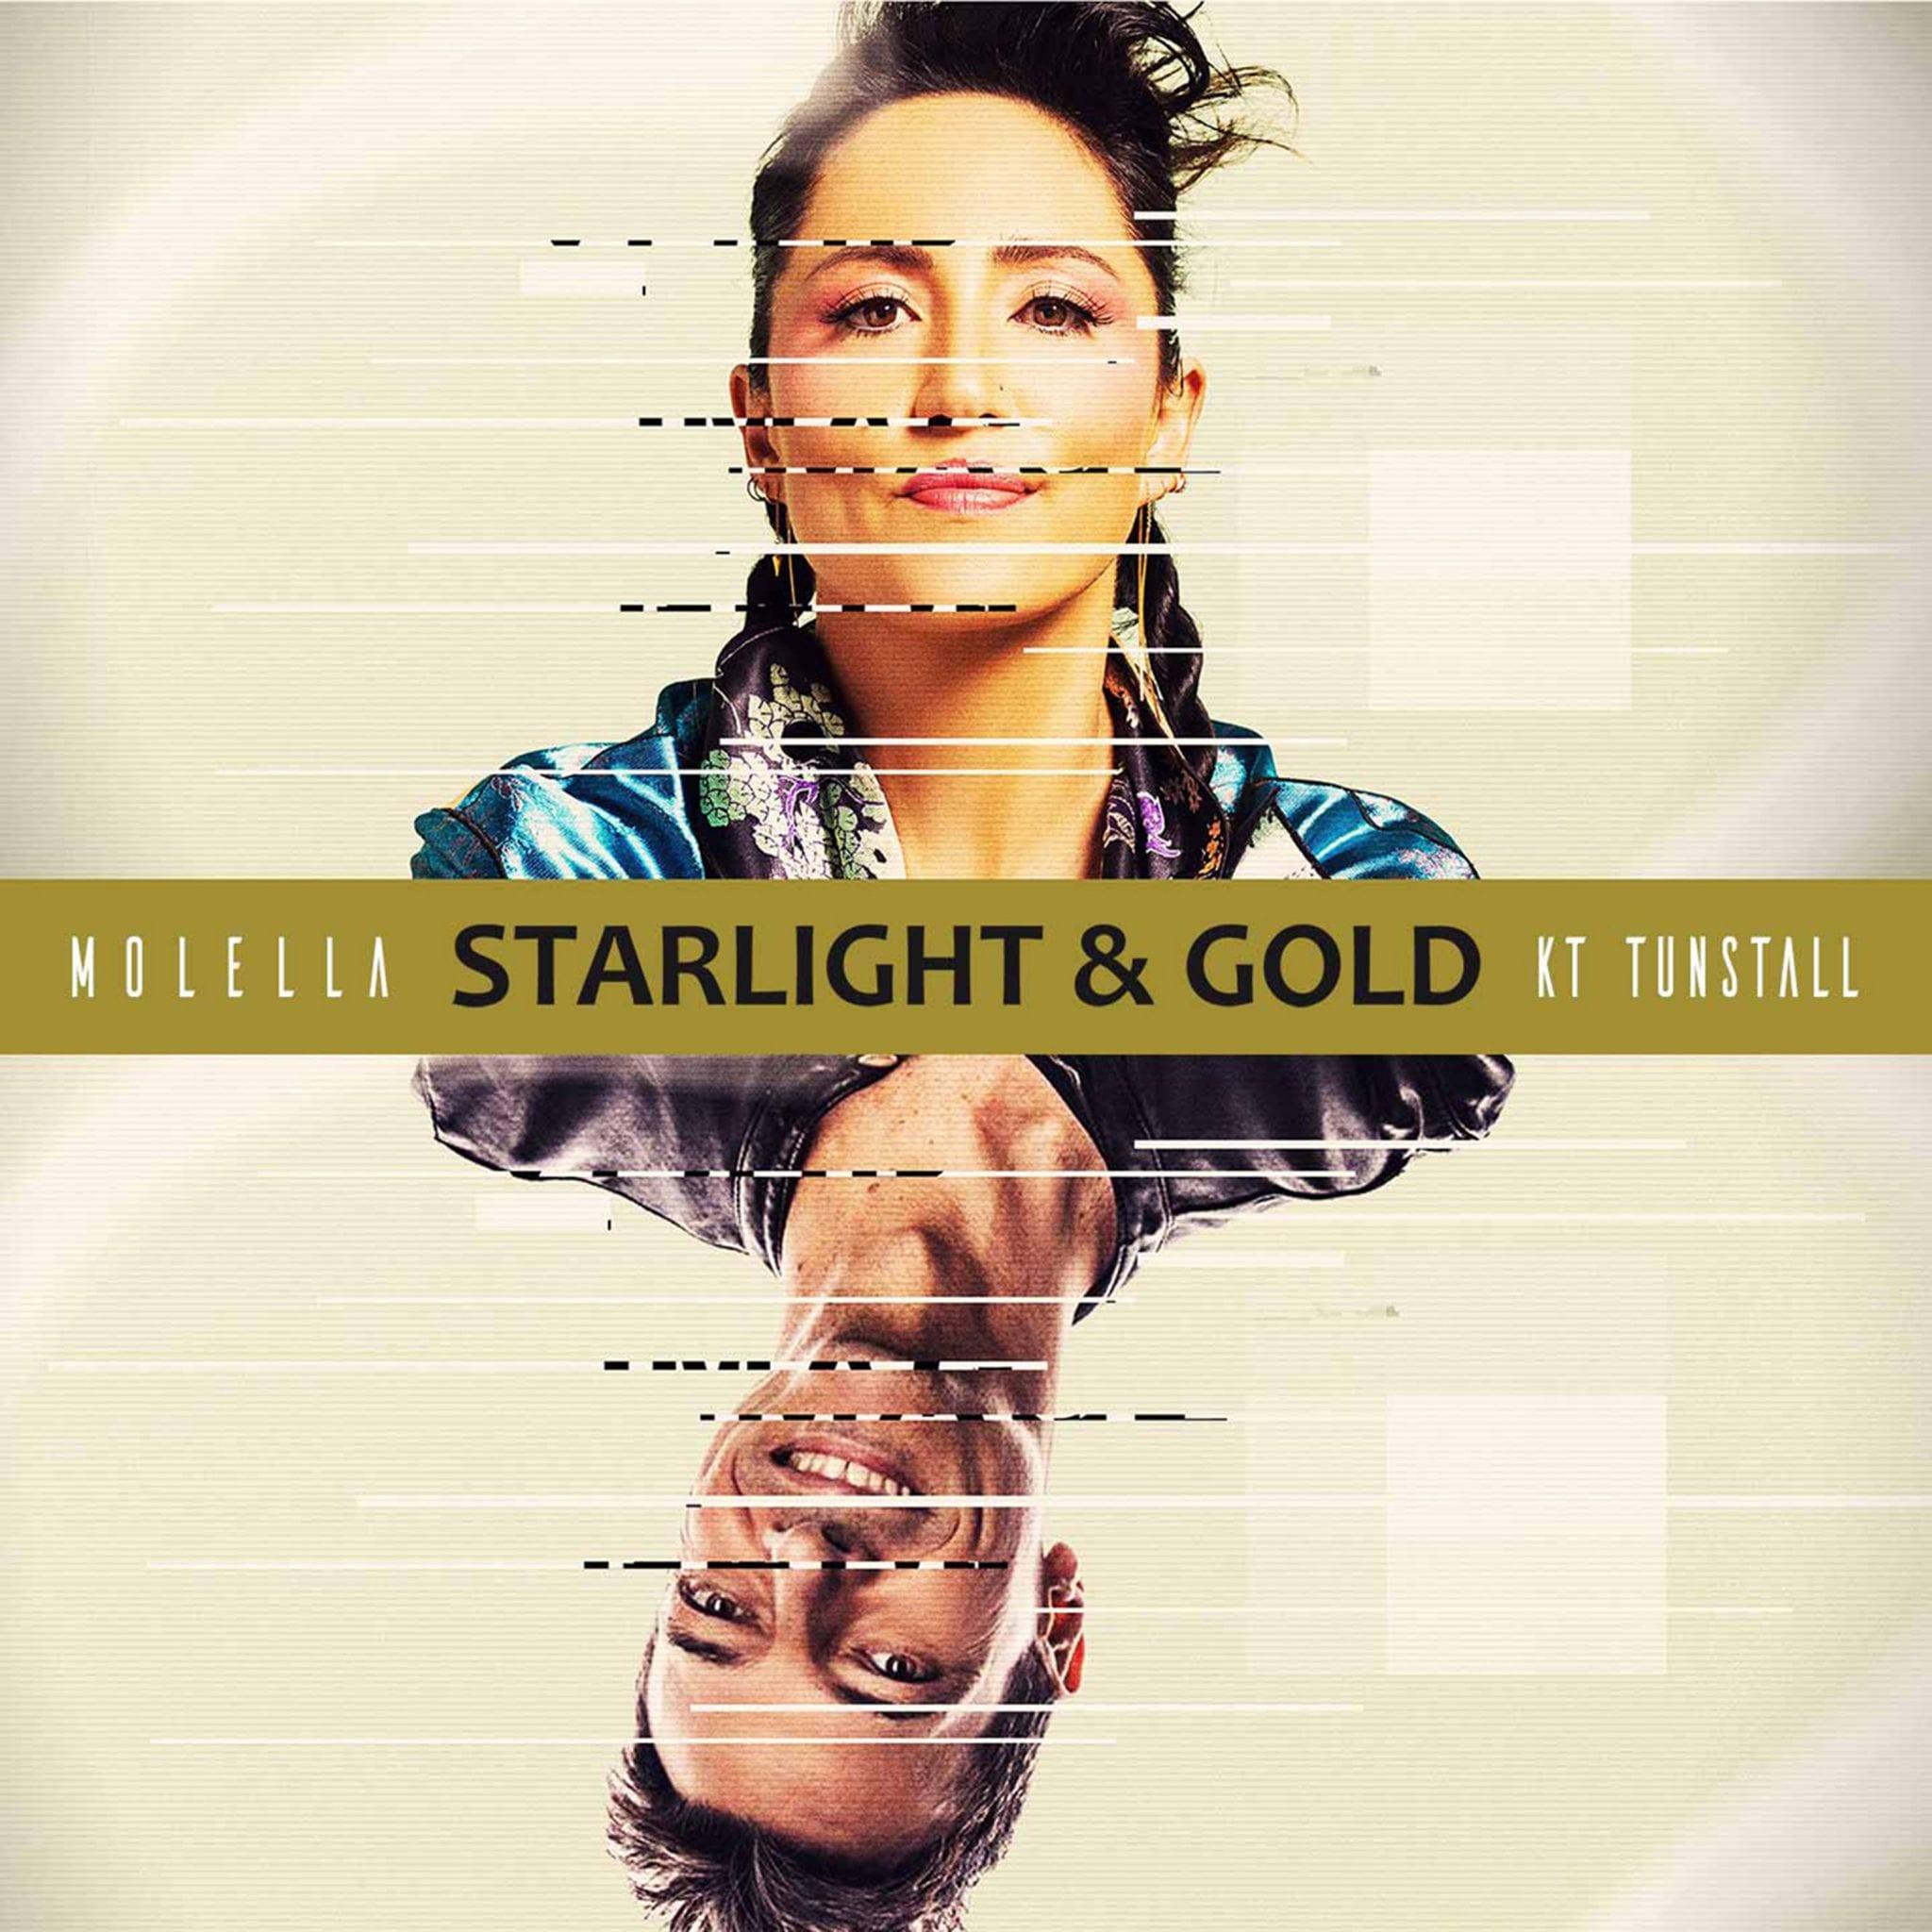 Molella & KT Tunstall - Starlight & Gold